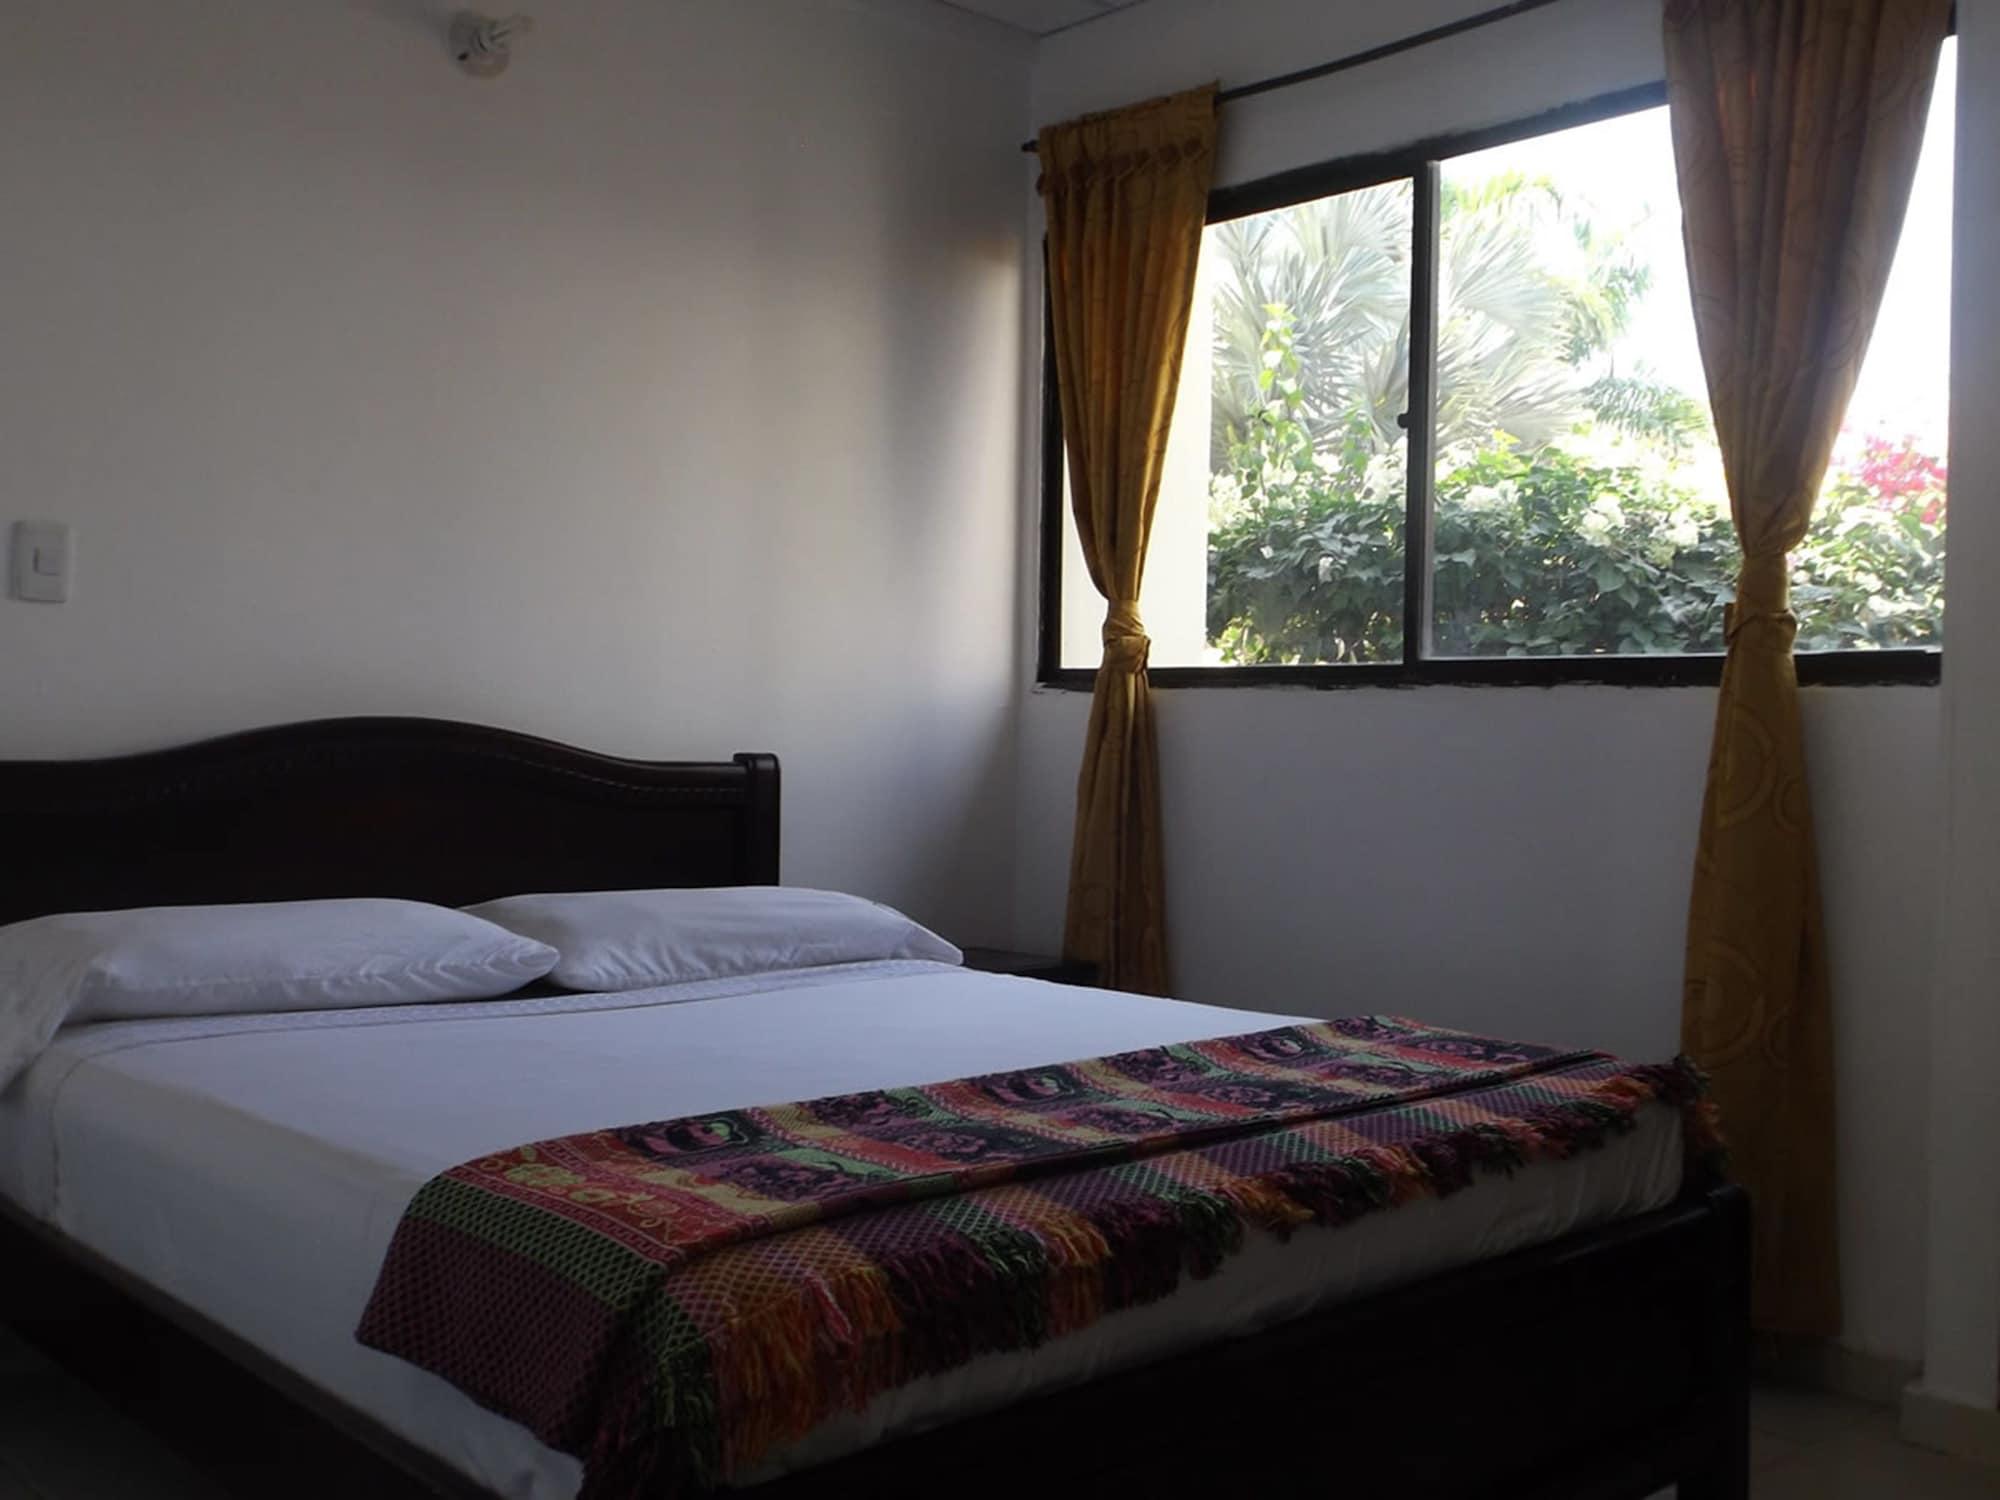 Hotel La Via